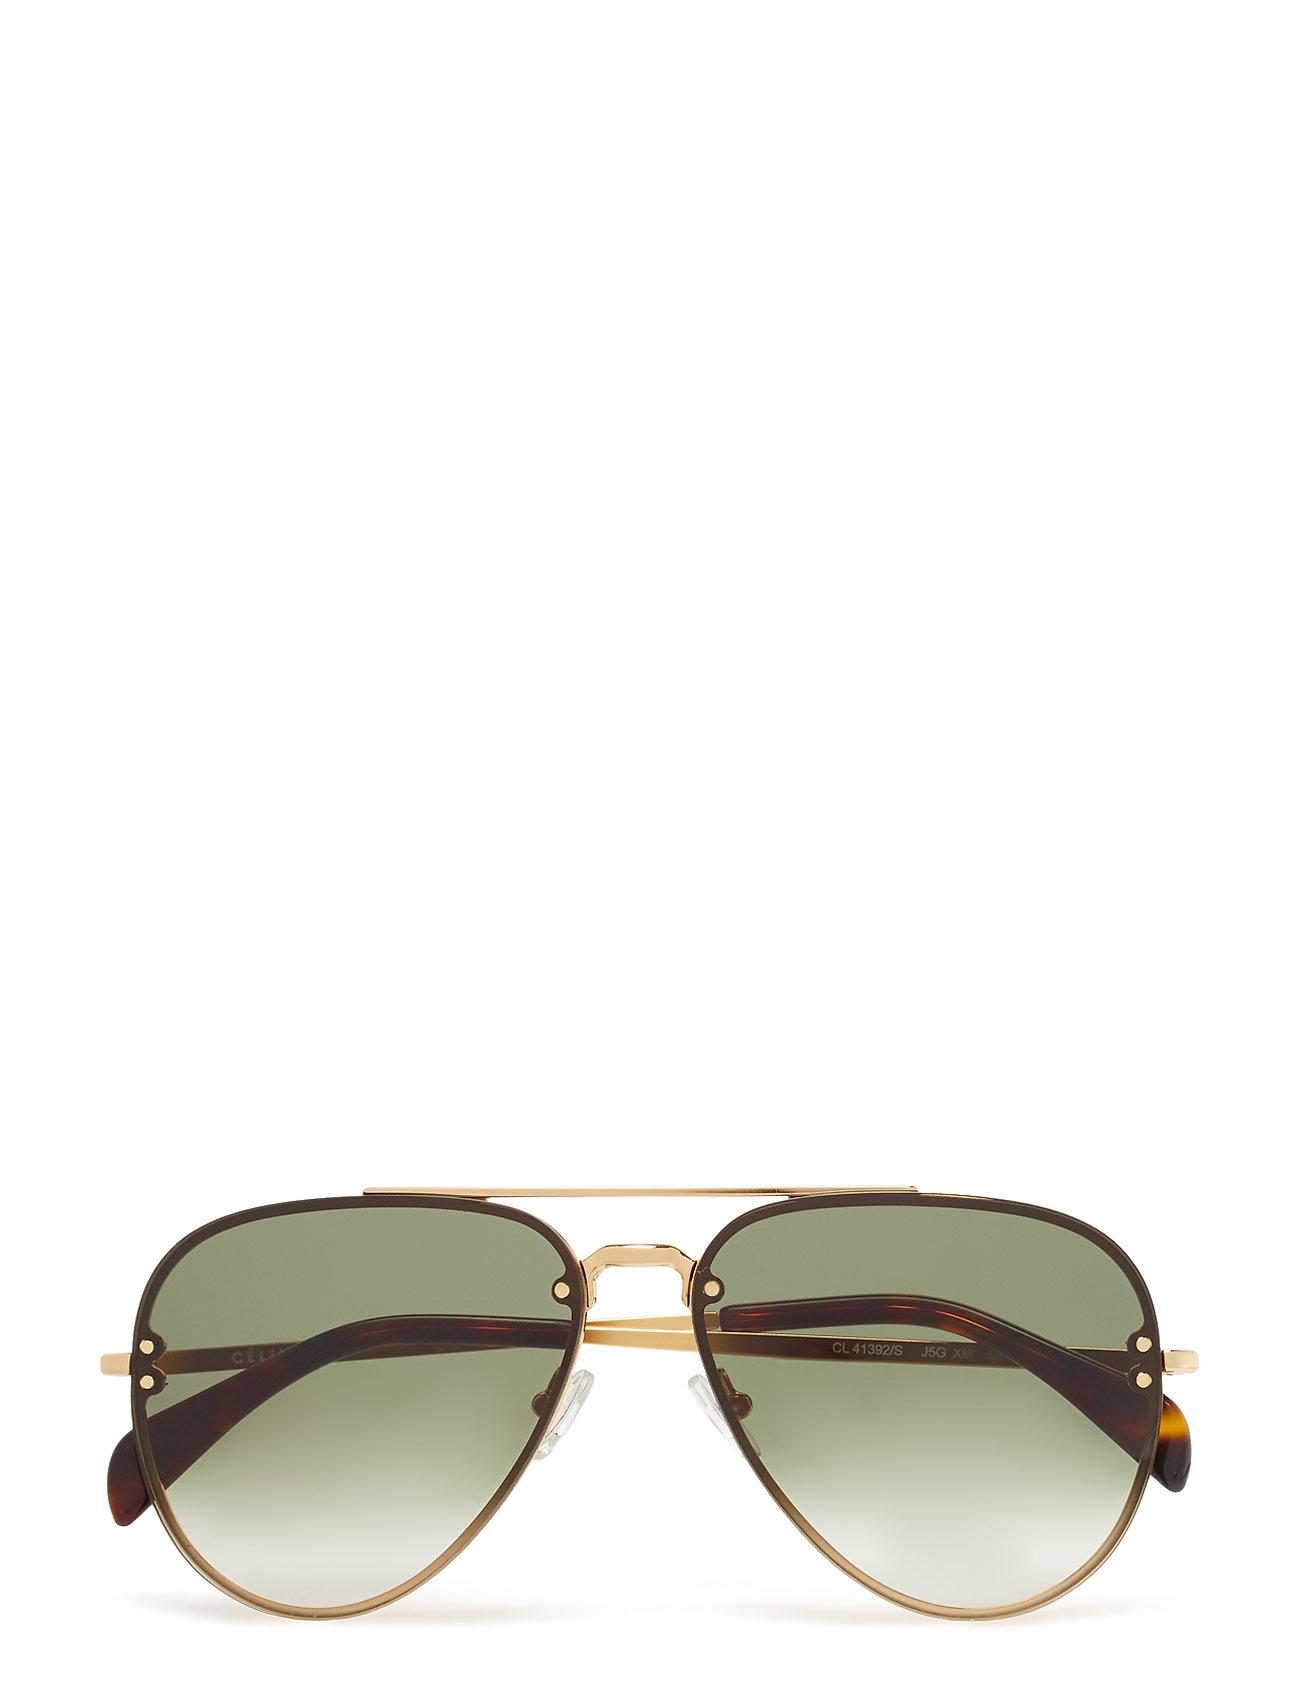 db501003d Cl 41392/S CELINE Sunglasses Solbriller til Damer i Guld ...